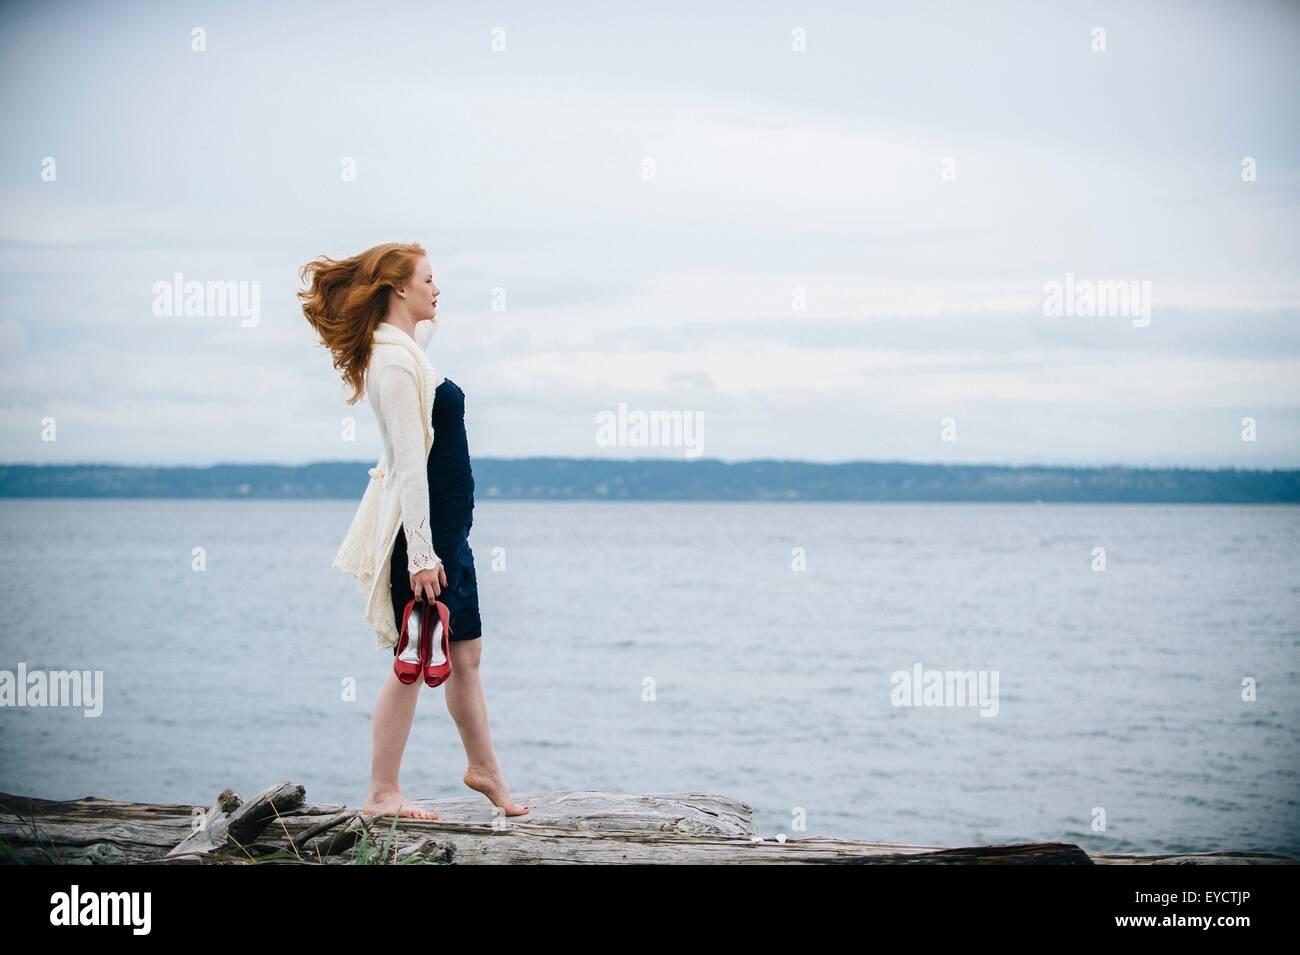 Mujer joven en la playa mirando al mar, Bainbridge Island, estado de Washington, EE.UU. Imagen De Stock